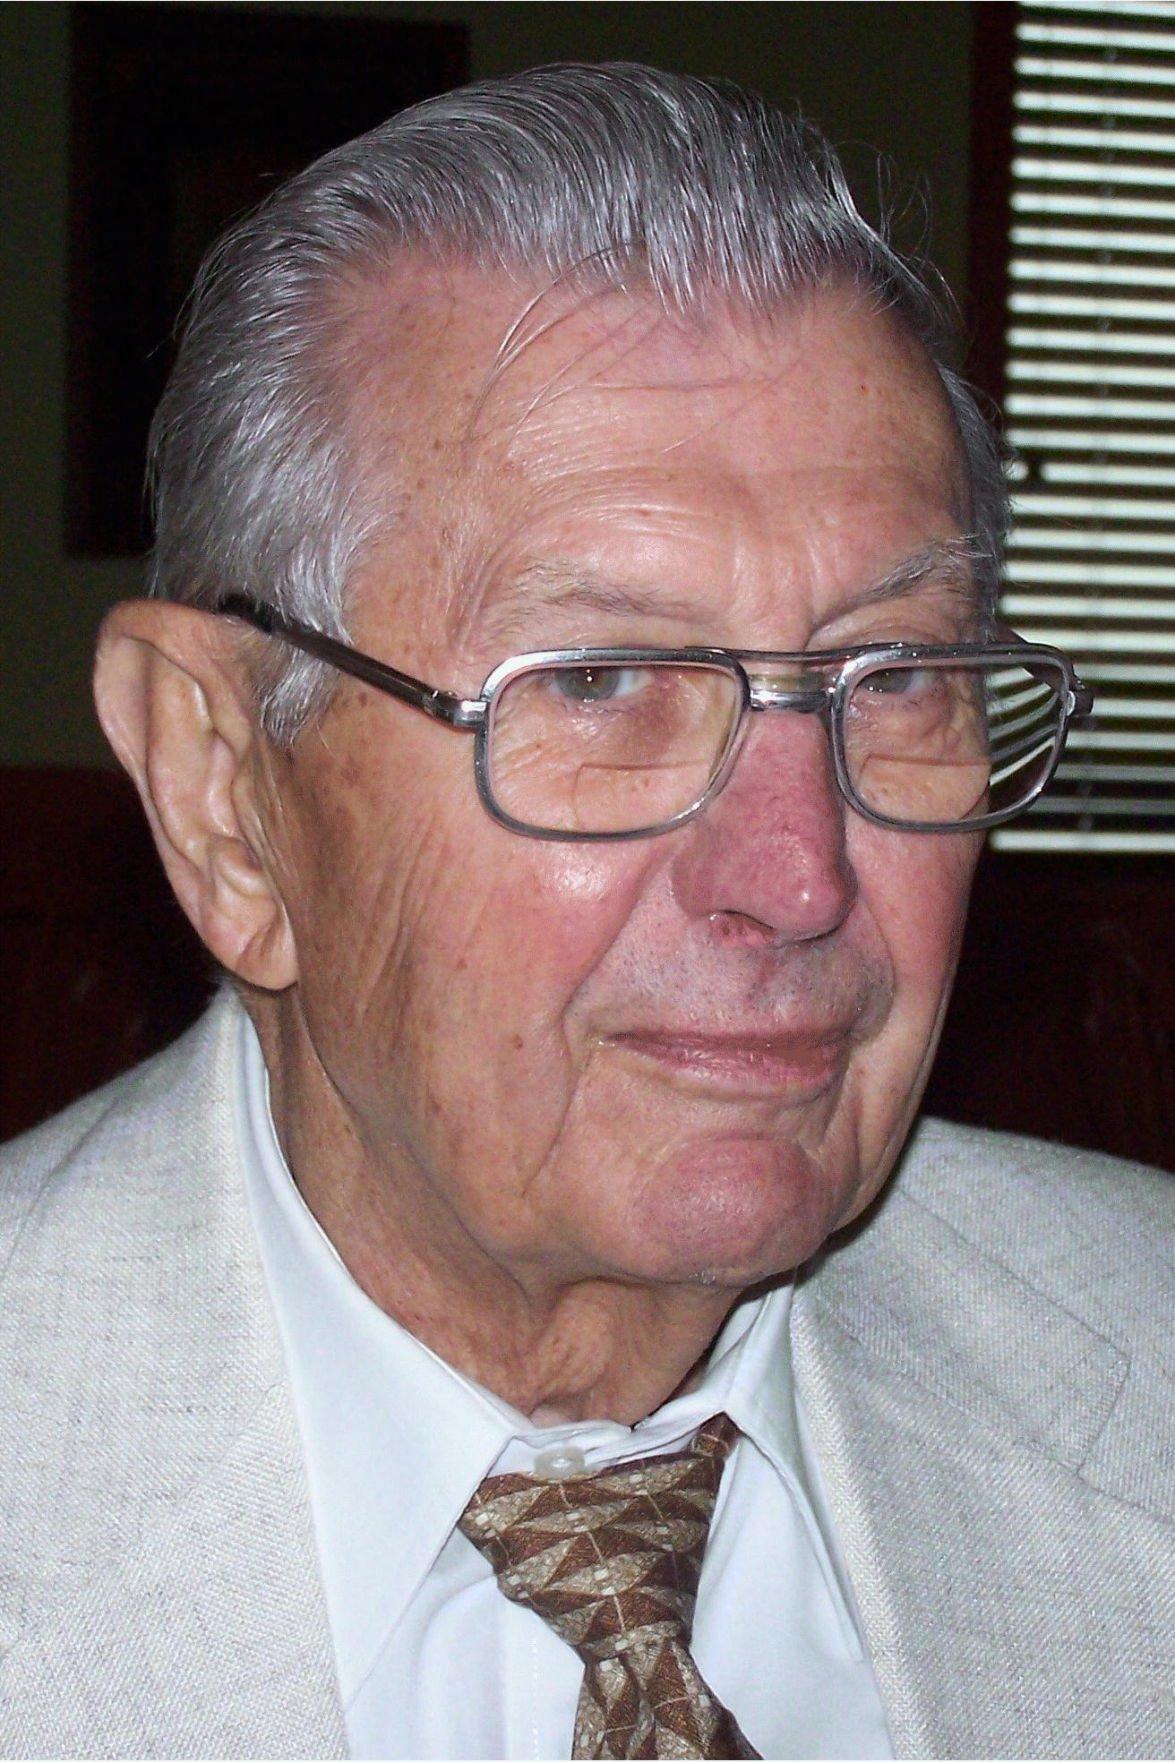 James Loscher